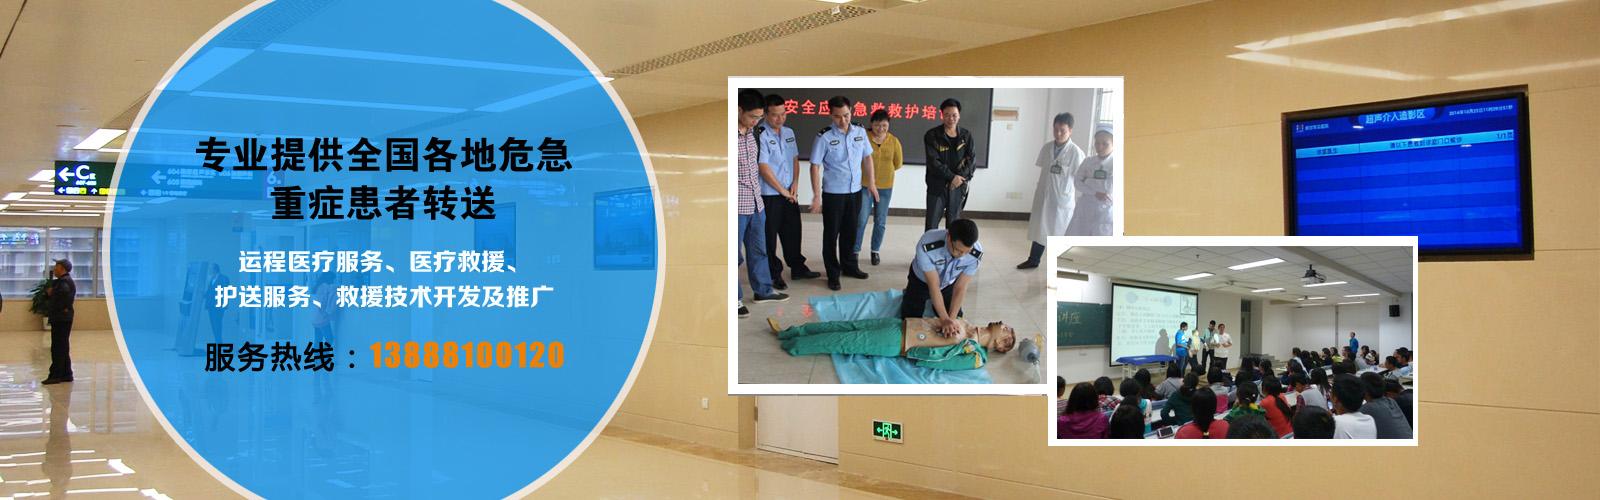 云南救护车